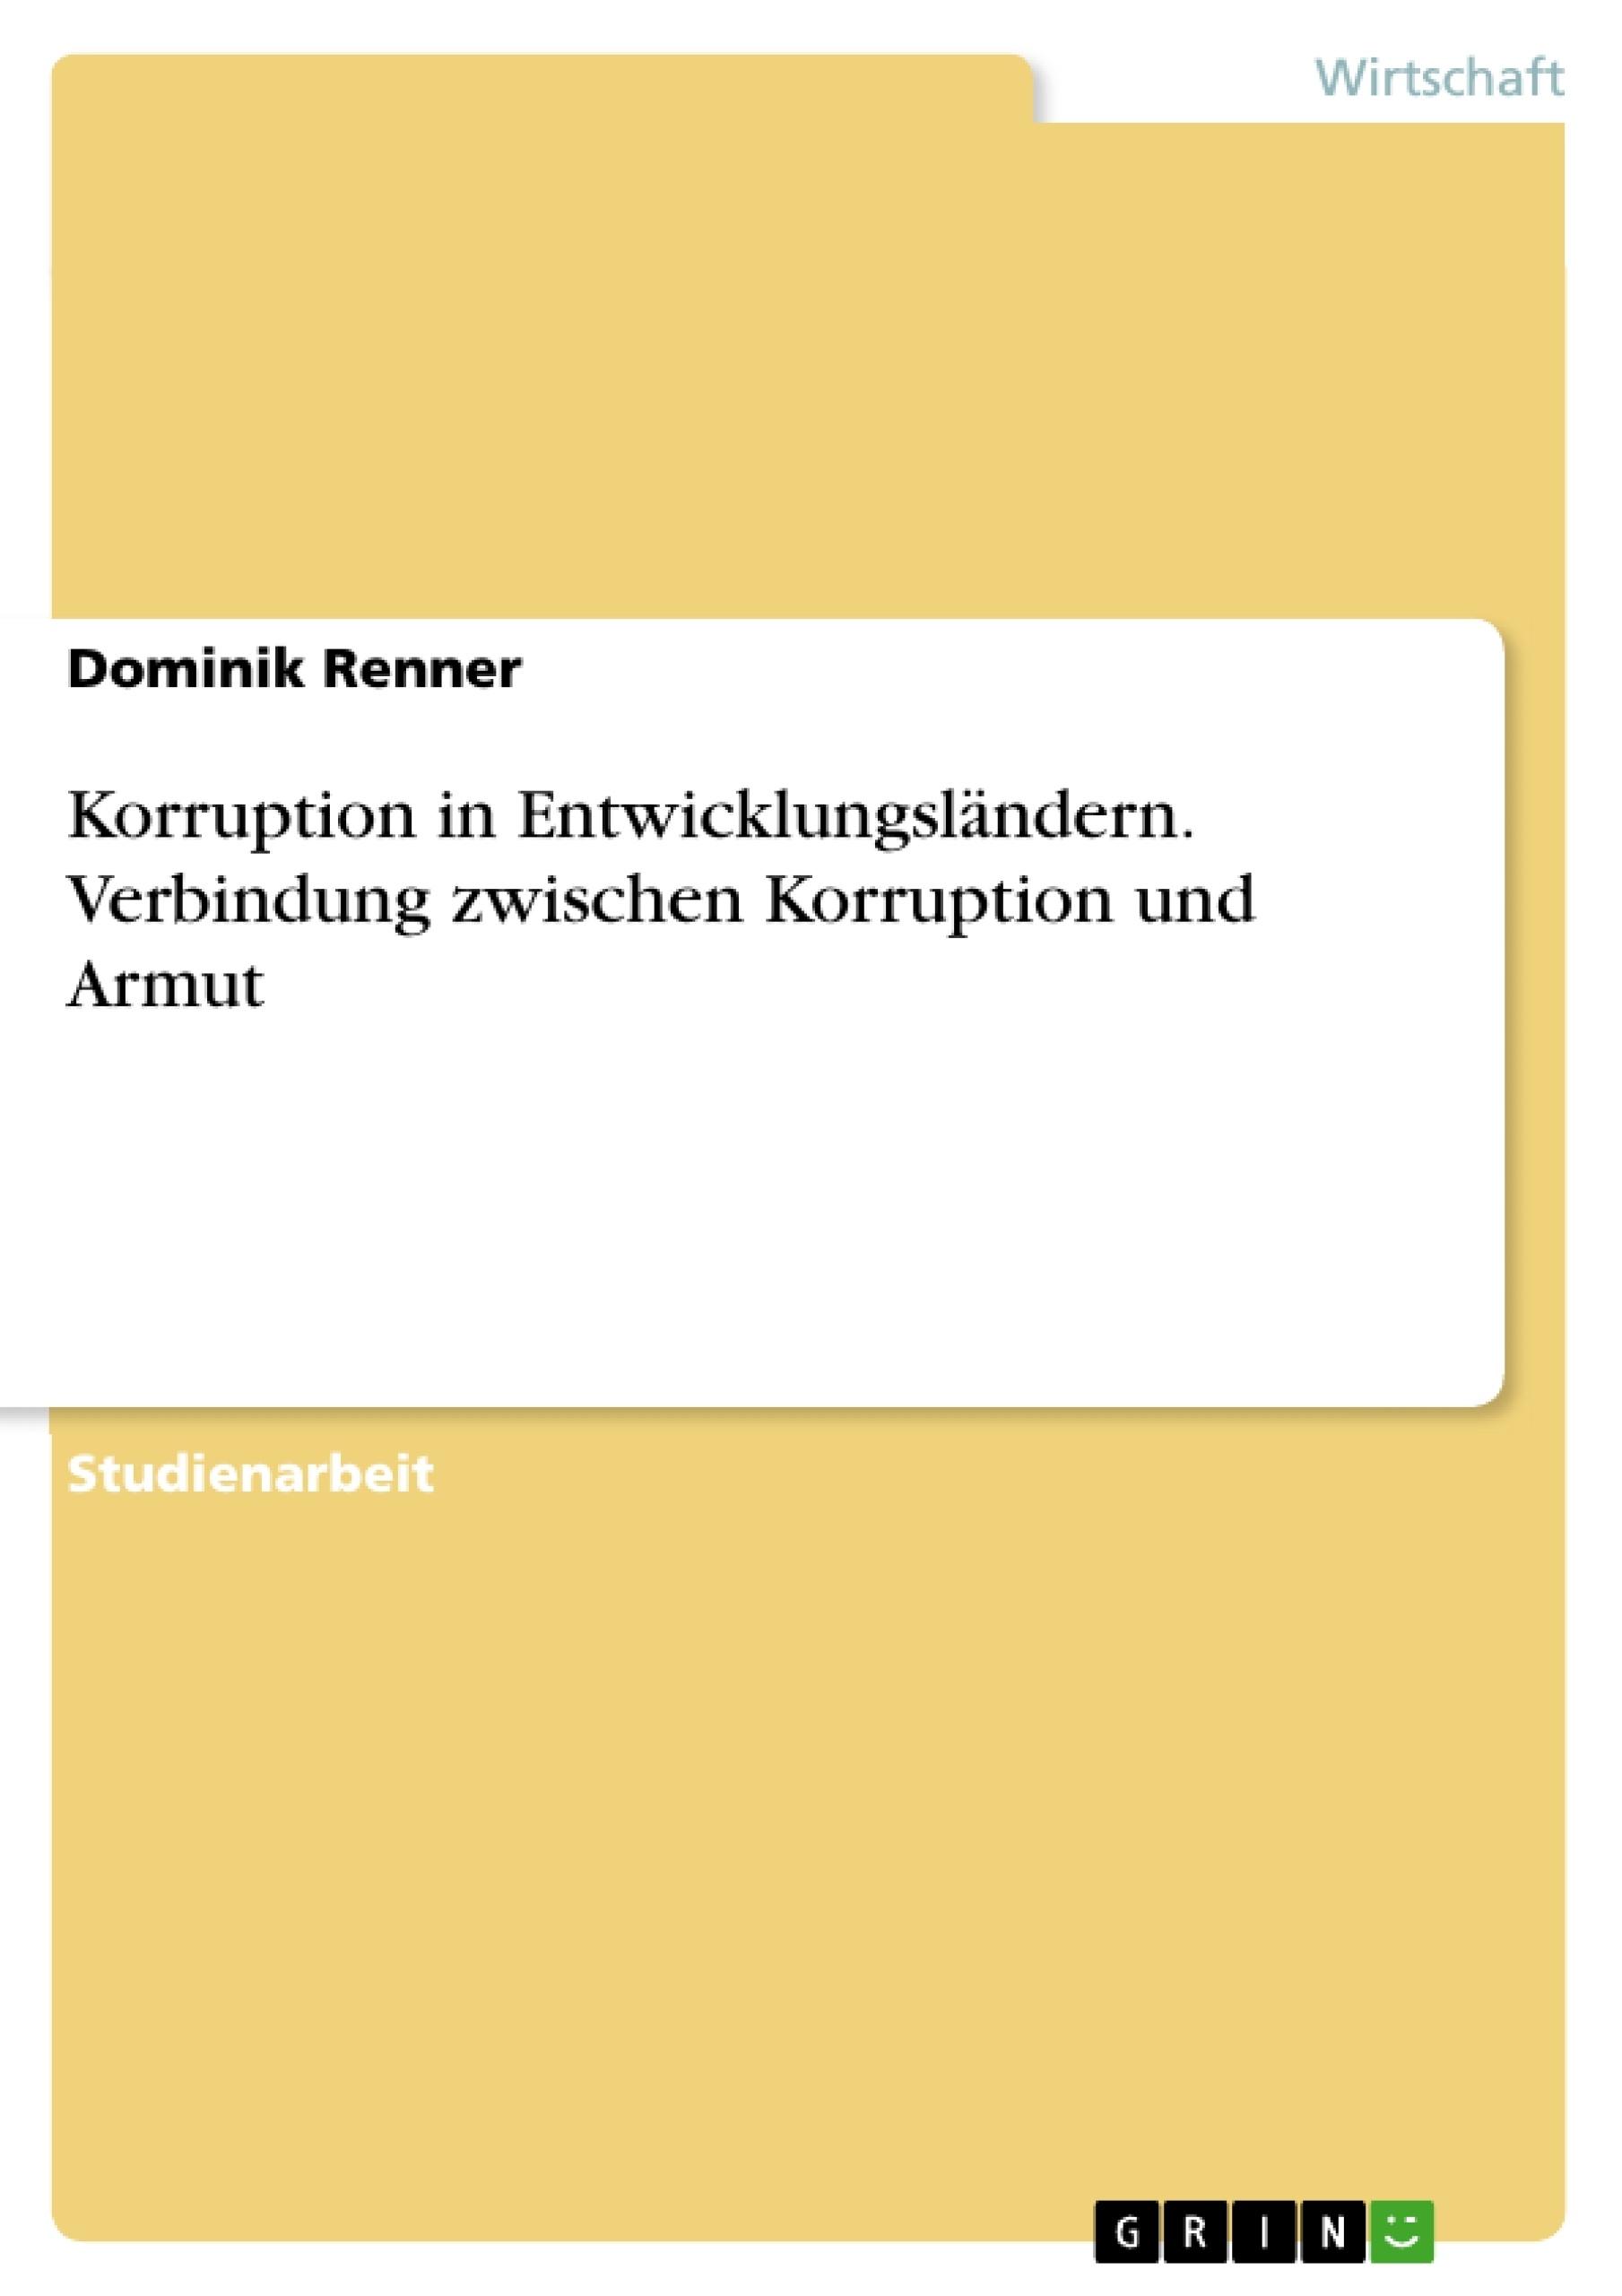 Titel: Korruption in Entwicklungsländern. Verbindung zwischen Korruption und Armut